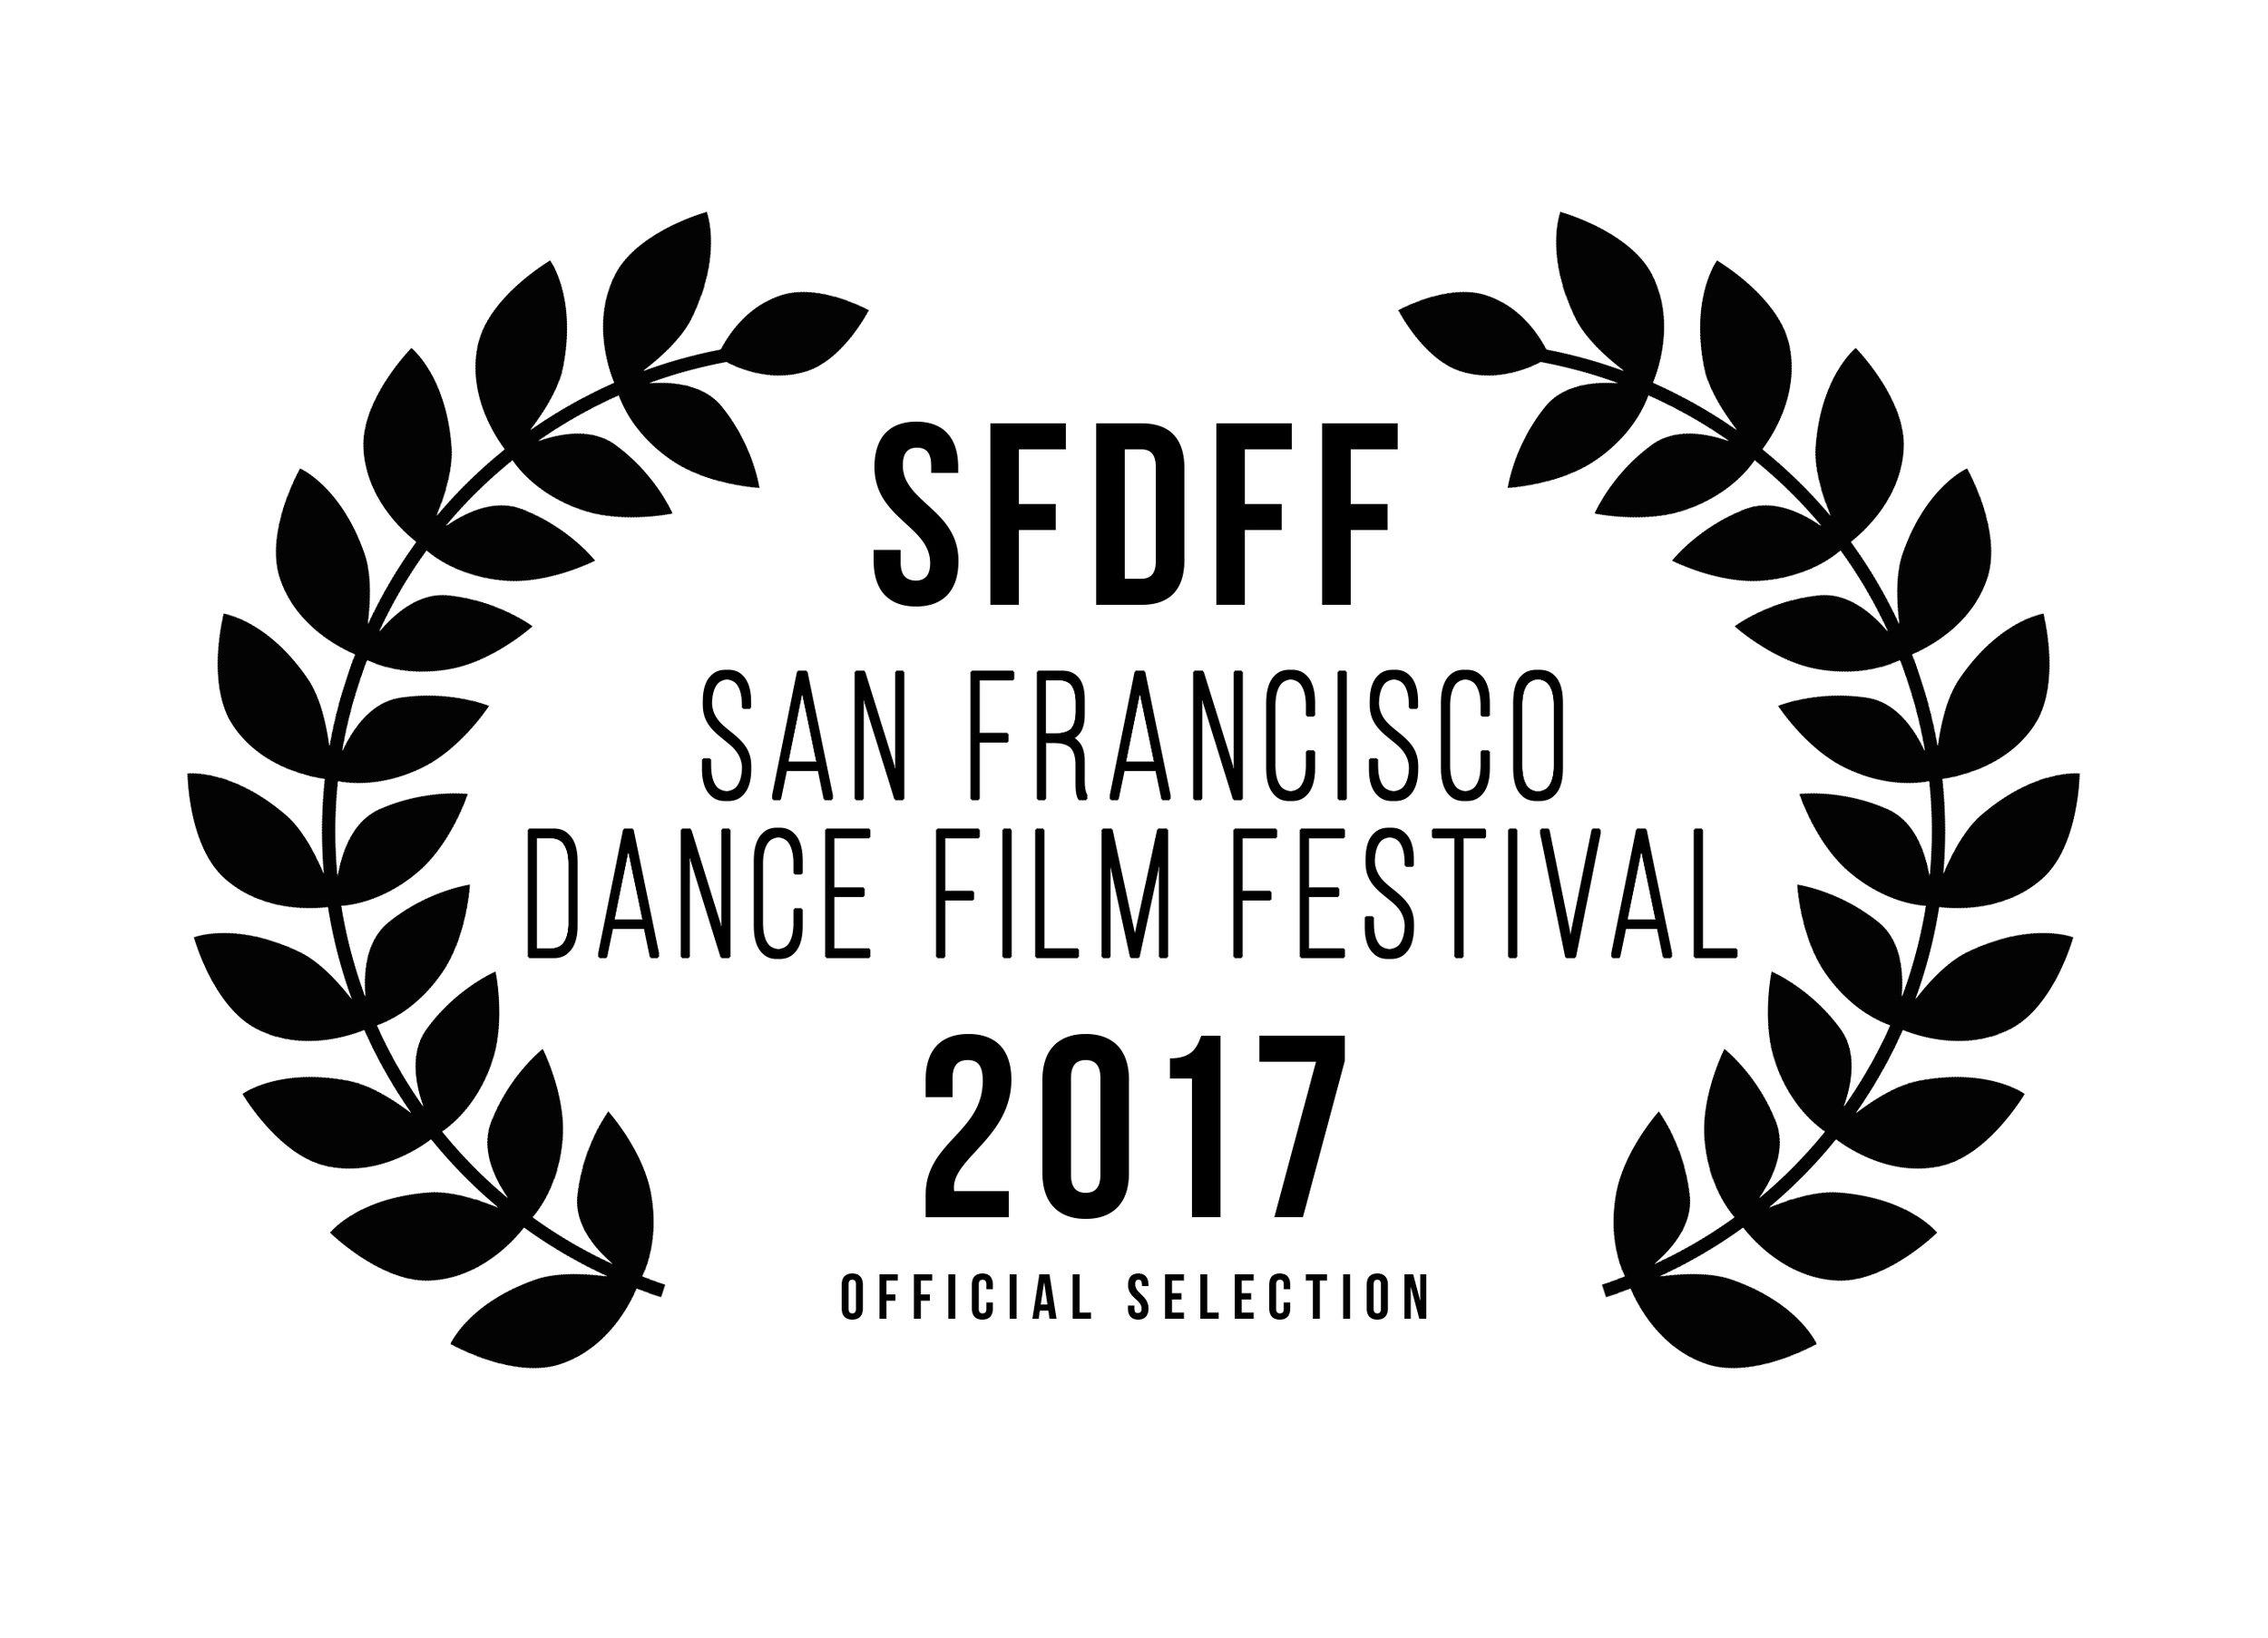 SFDFFlaurels2017.jpg